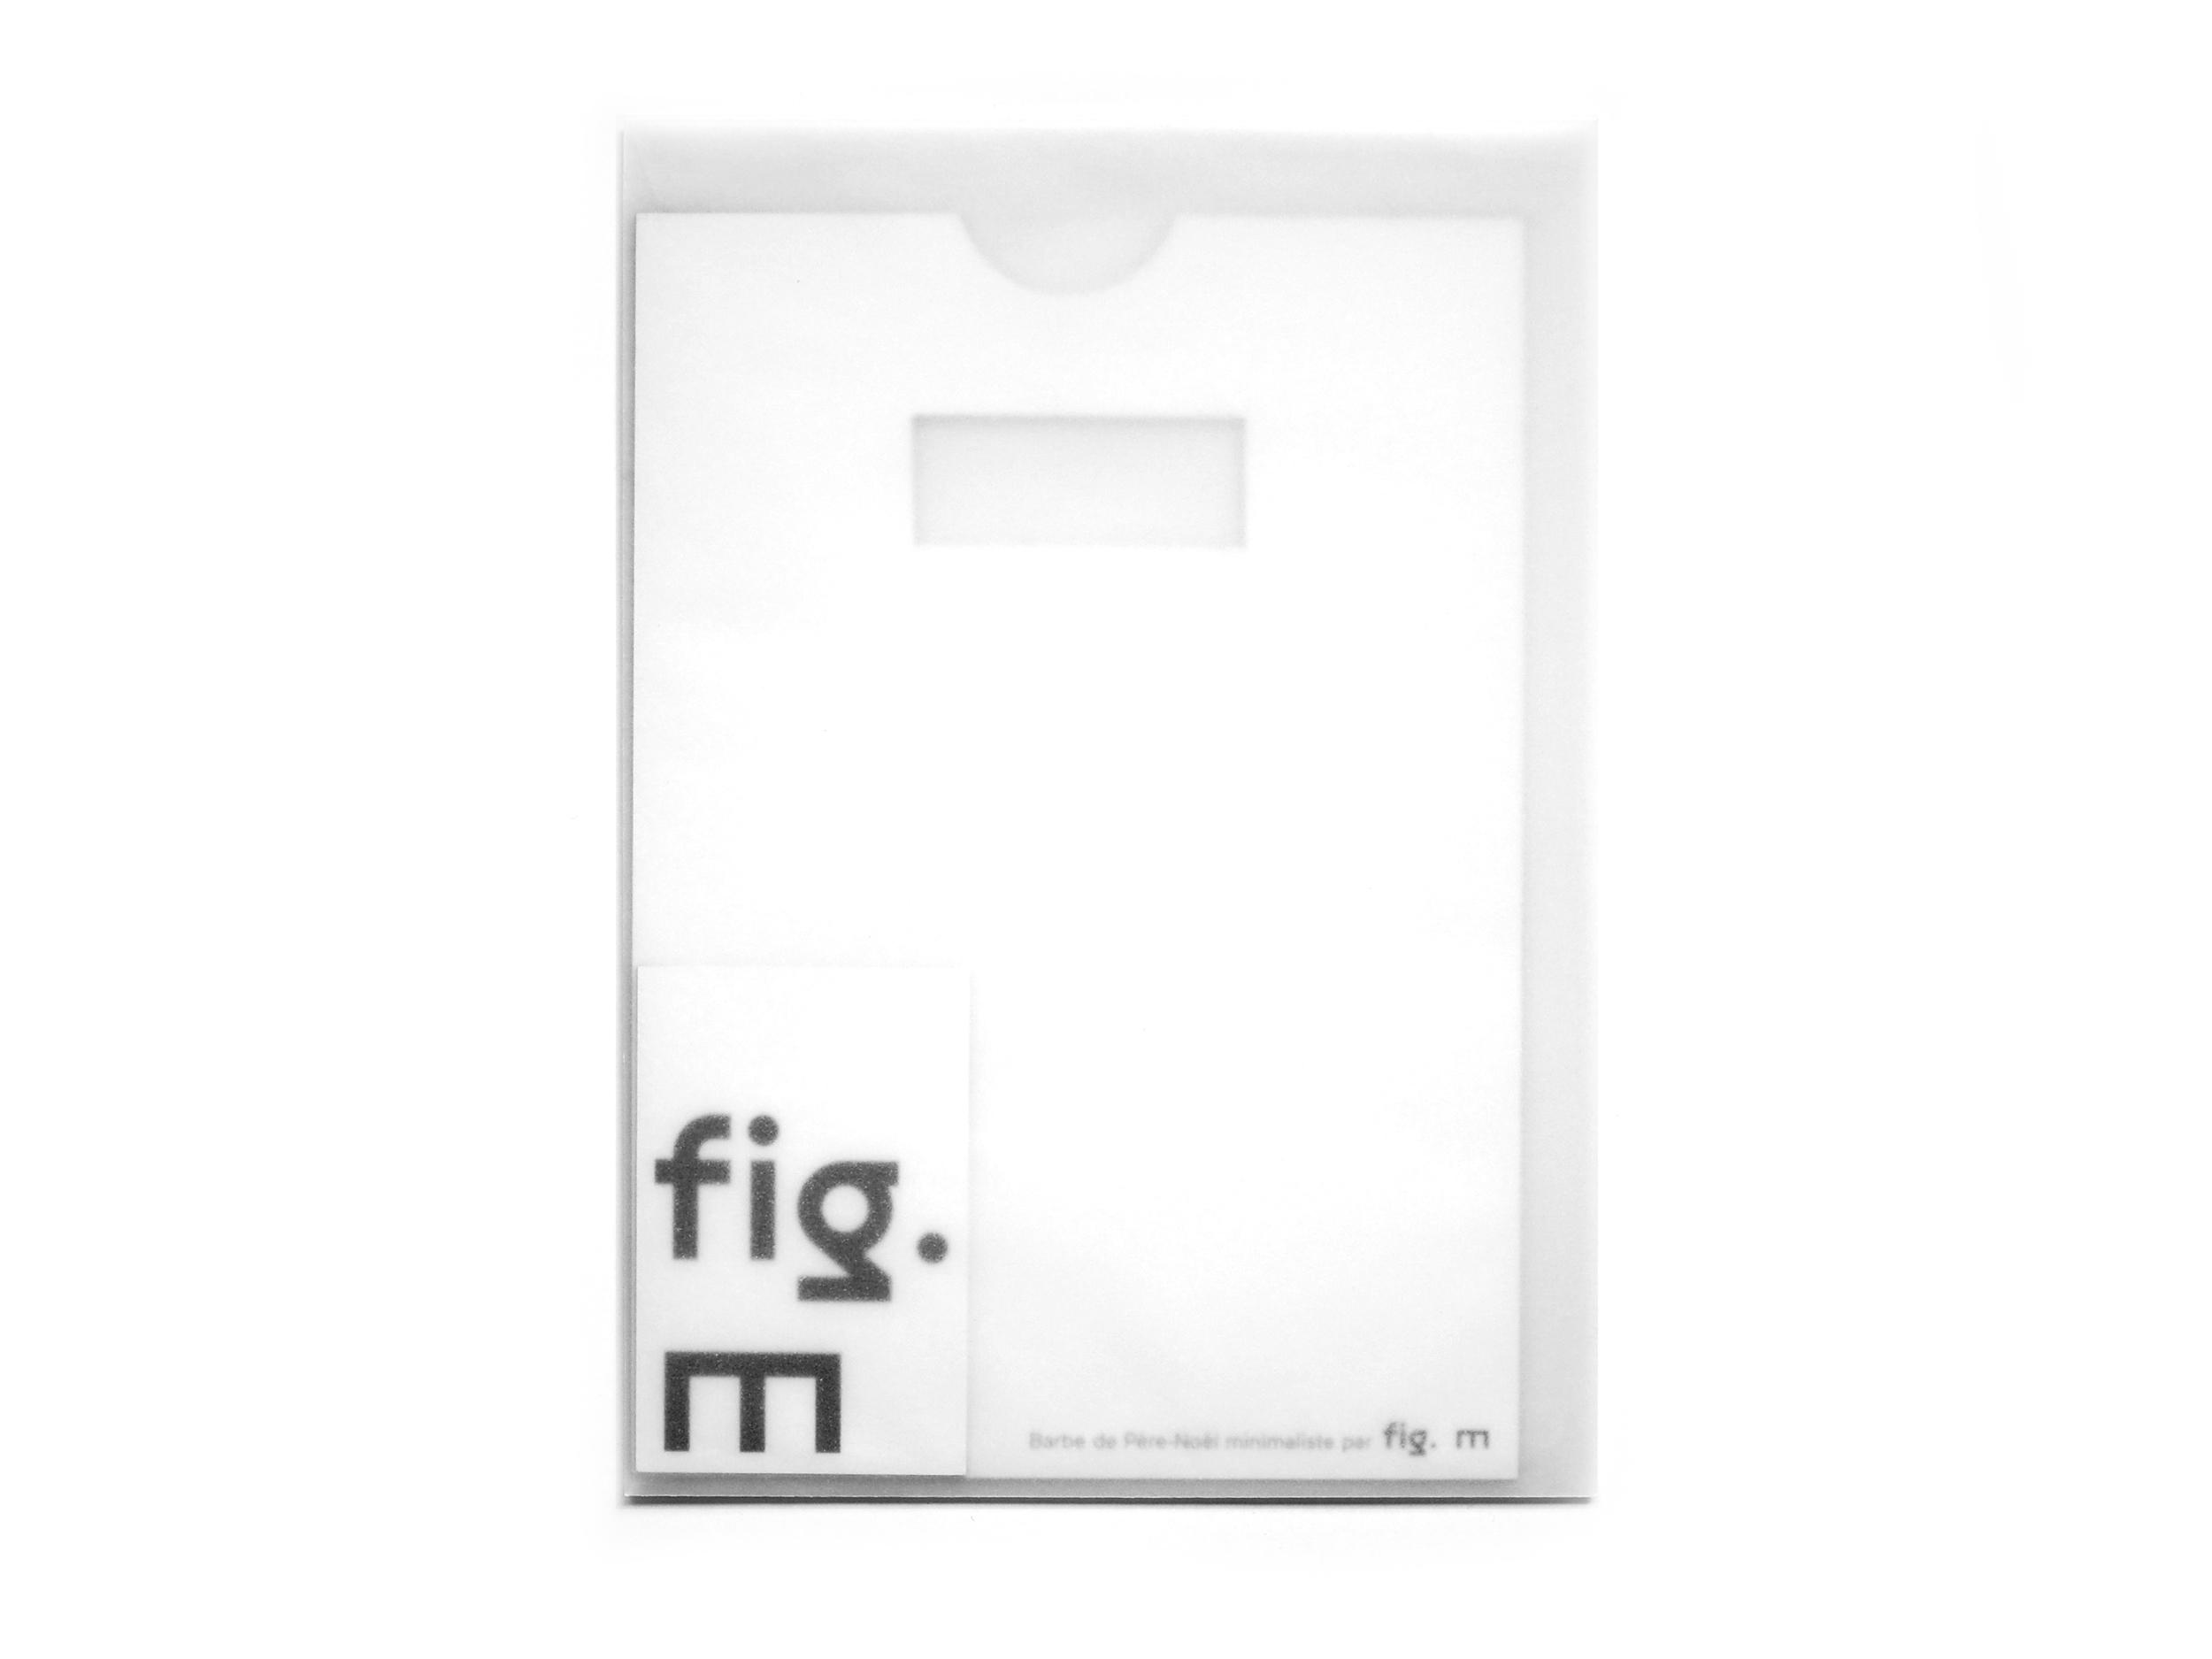 fig. m